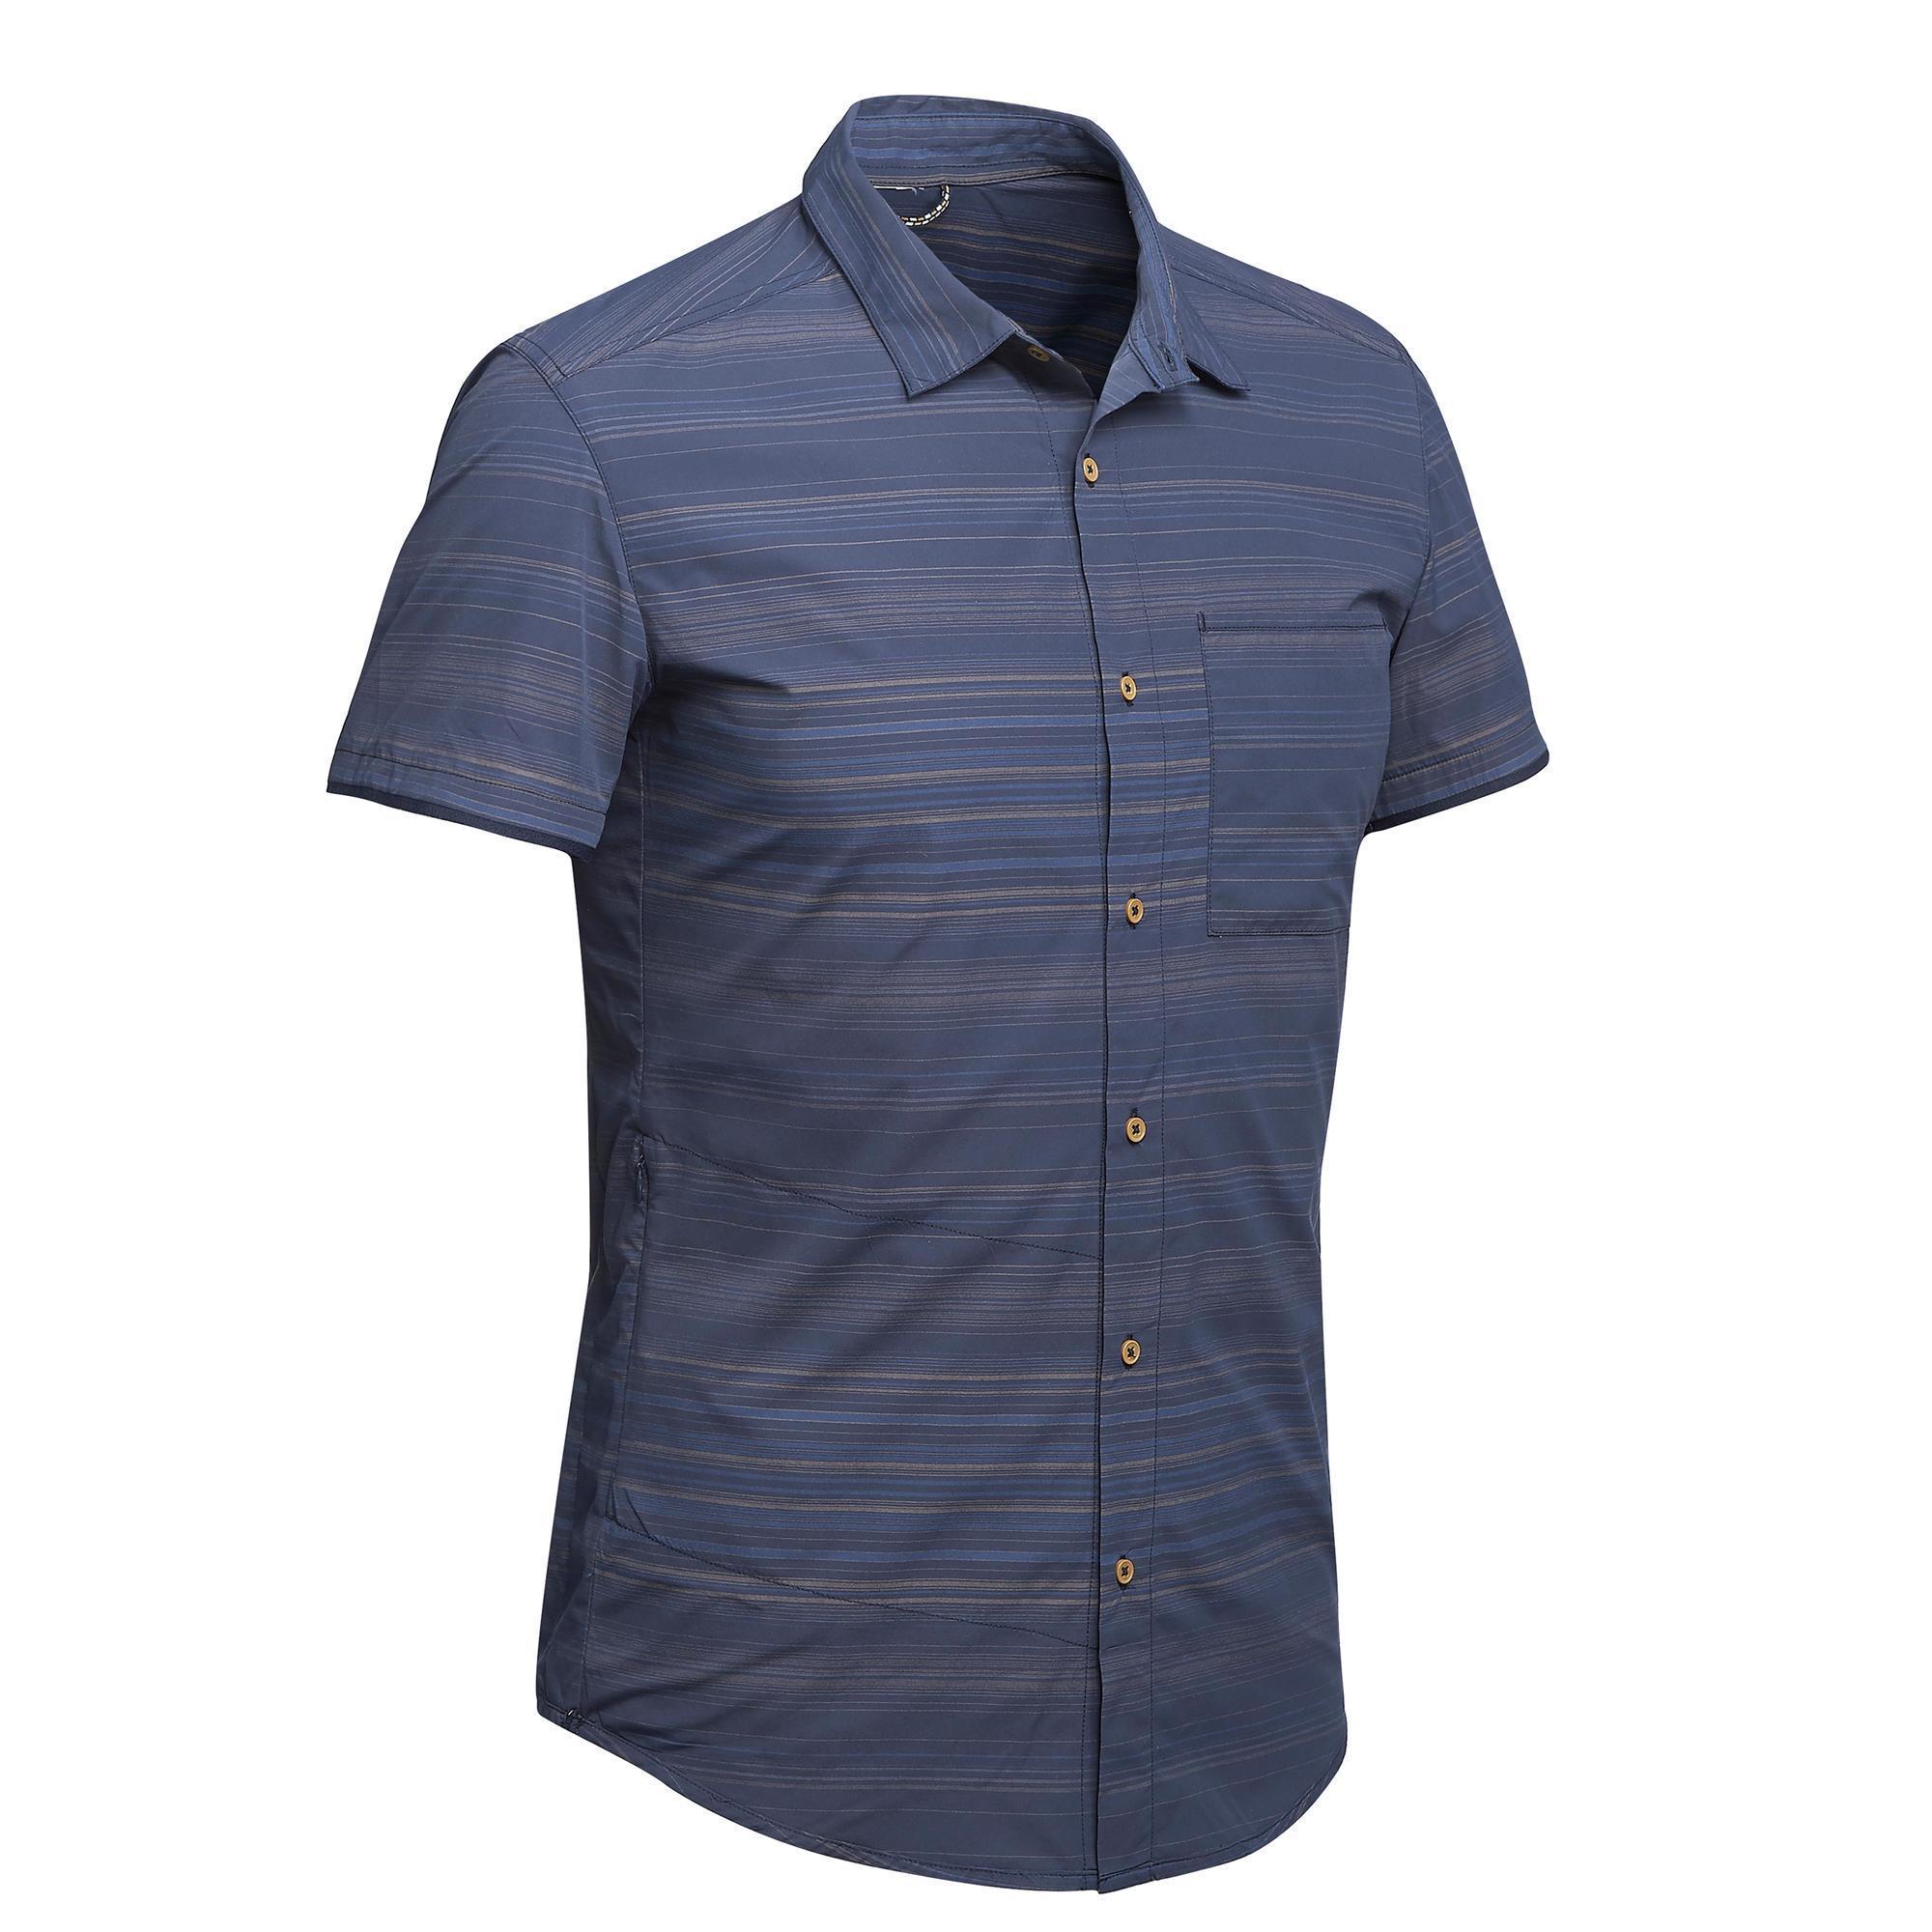 Forclaz Overhemd met korte mouwen Travel 100 fresh heren grijs gestreept